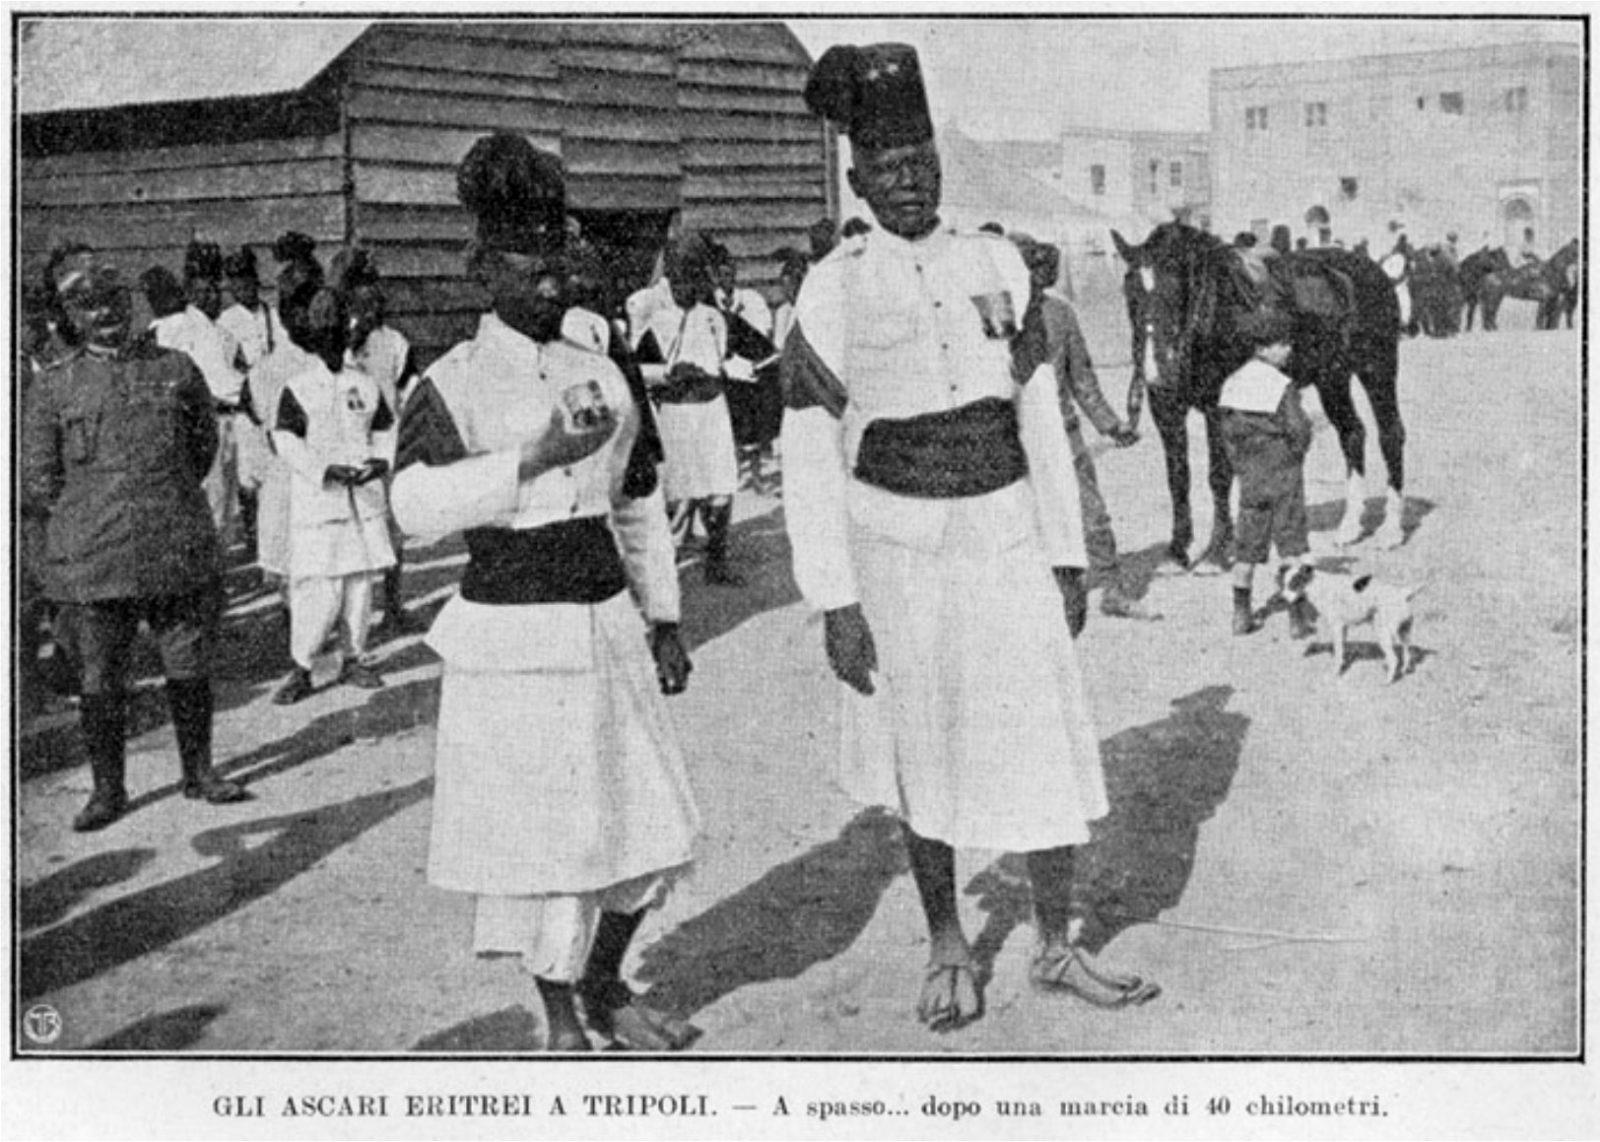 Enrico Mercatali (a cura di), Tripoli-Cirenaica. Cronache della guerra italo-turca e della conquista della Libia, p. 344